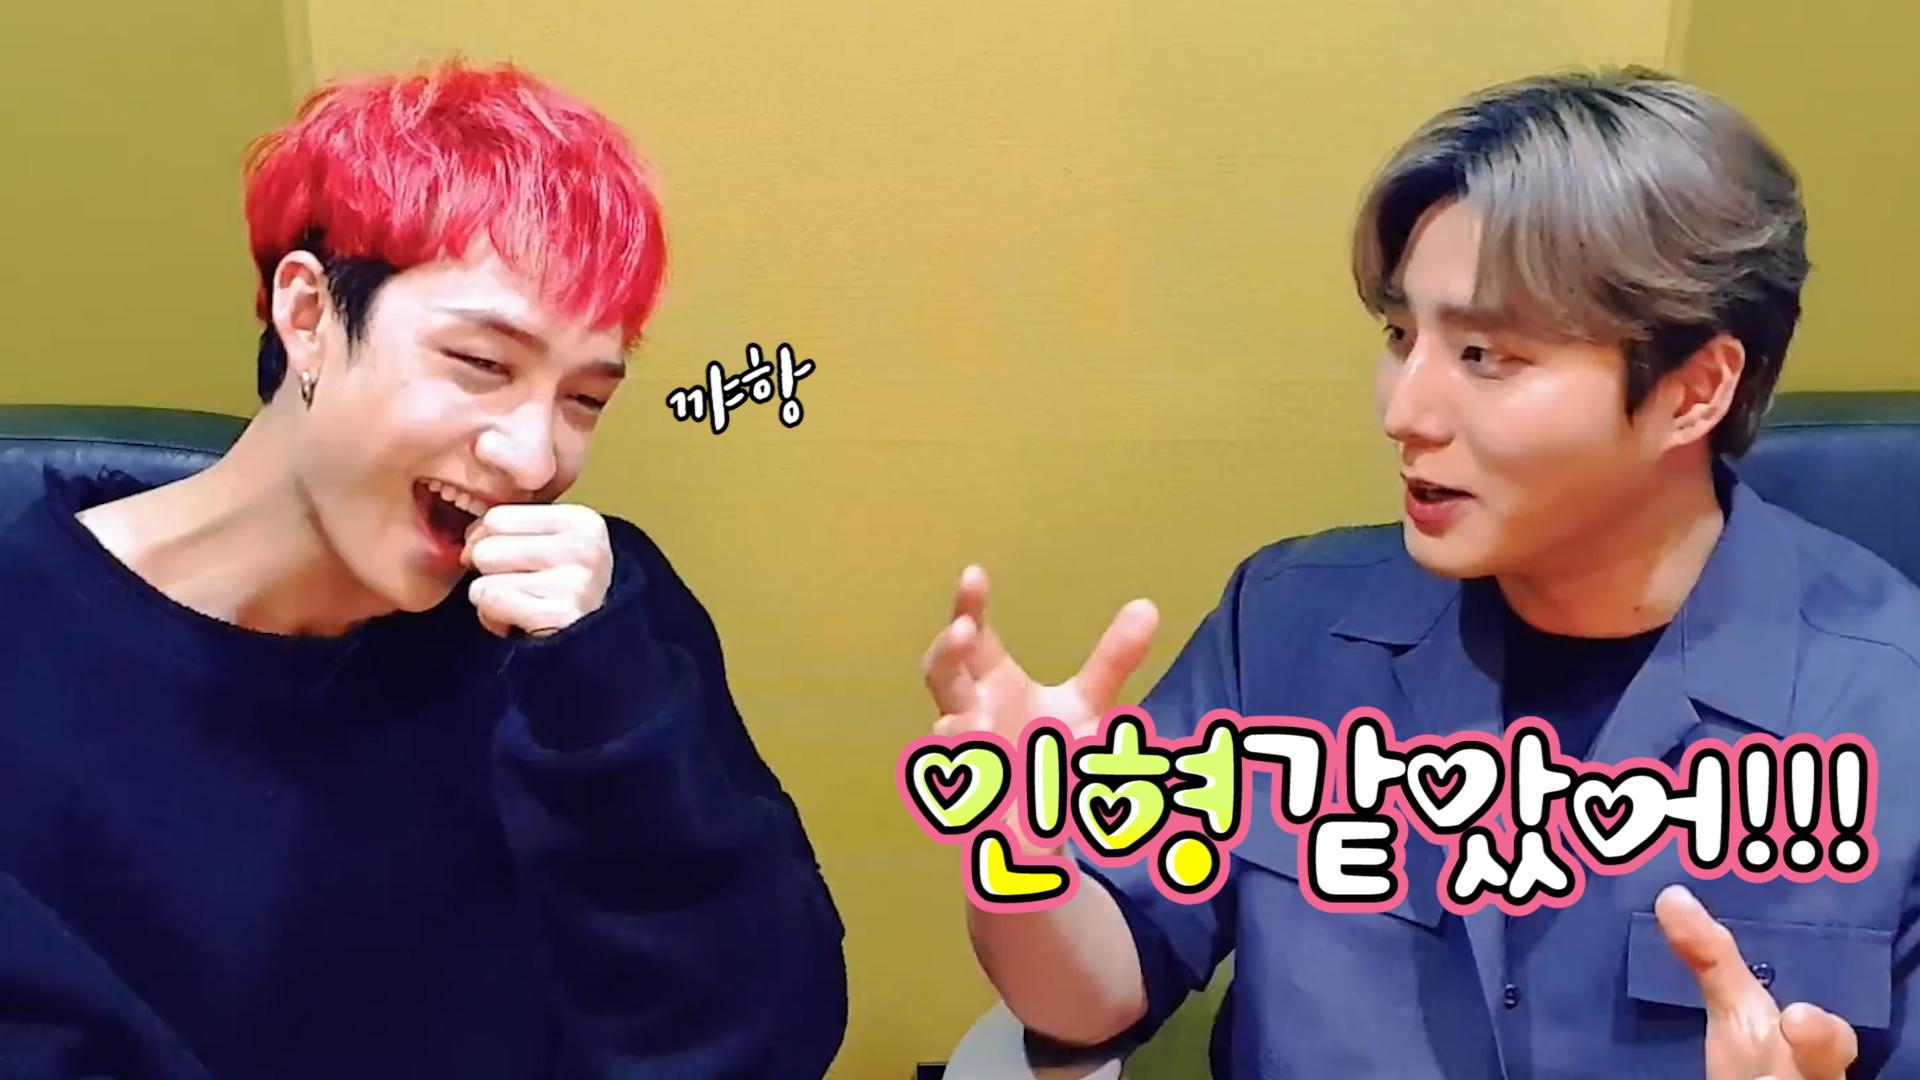 [Stray Kids] 작고 귀여운 찬이의 동생미를 조금만 맛보세요🐺🦊 (Bang Chan's V with YoungK!)